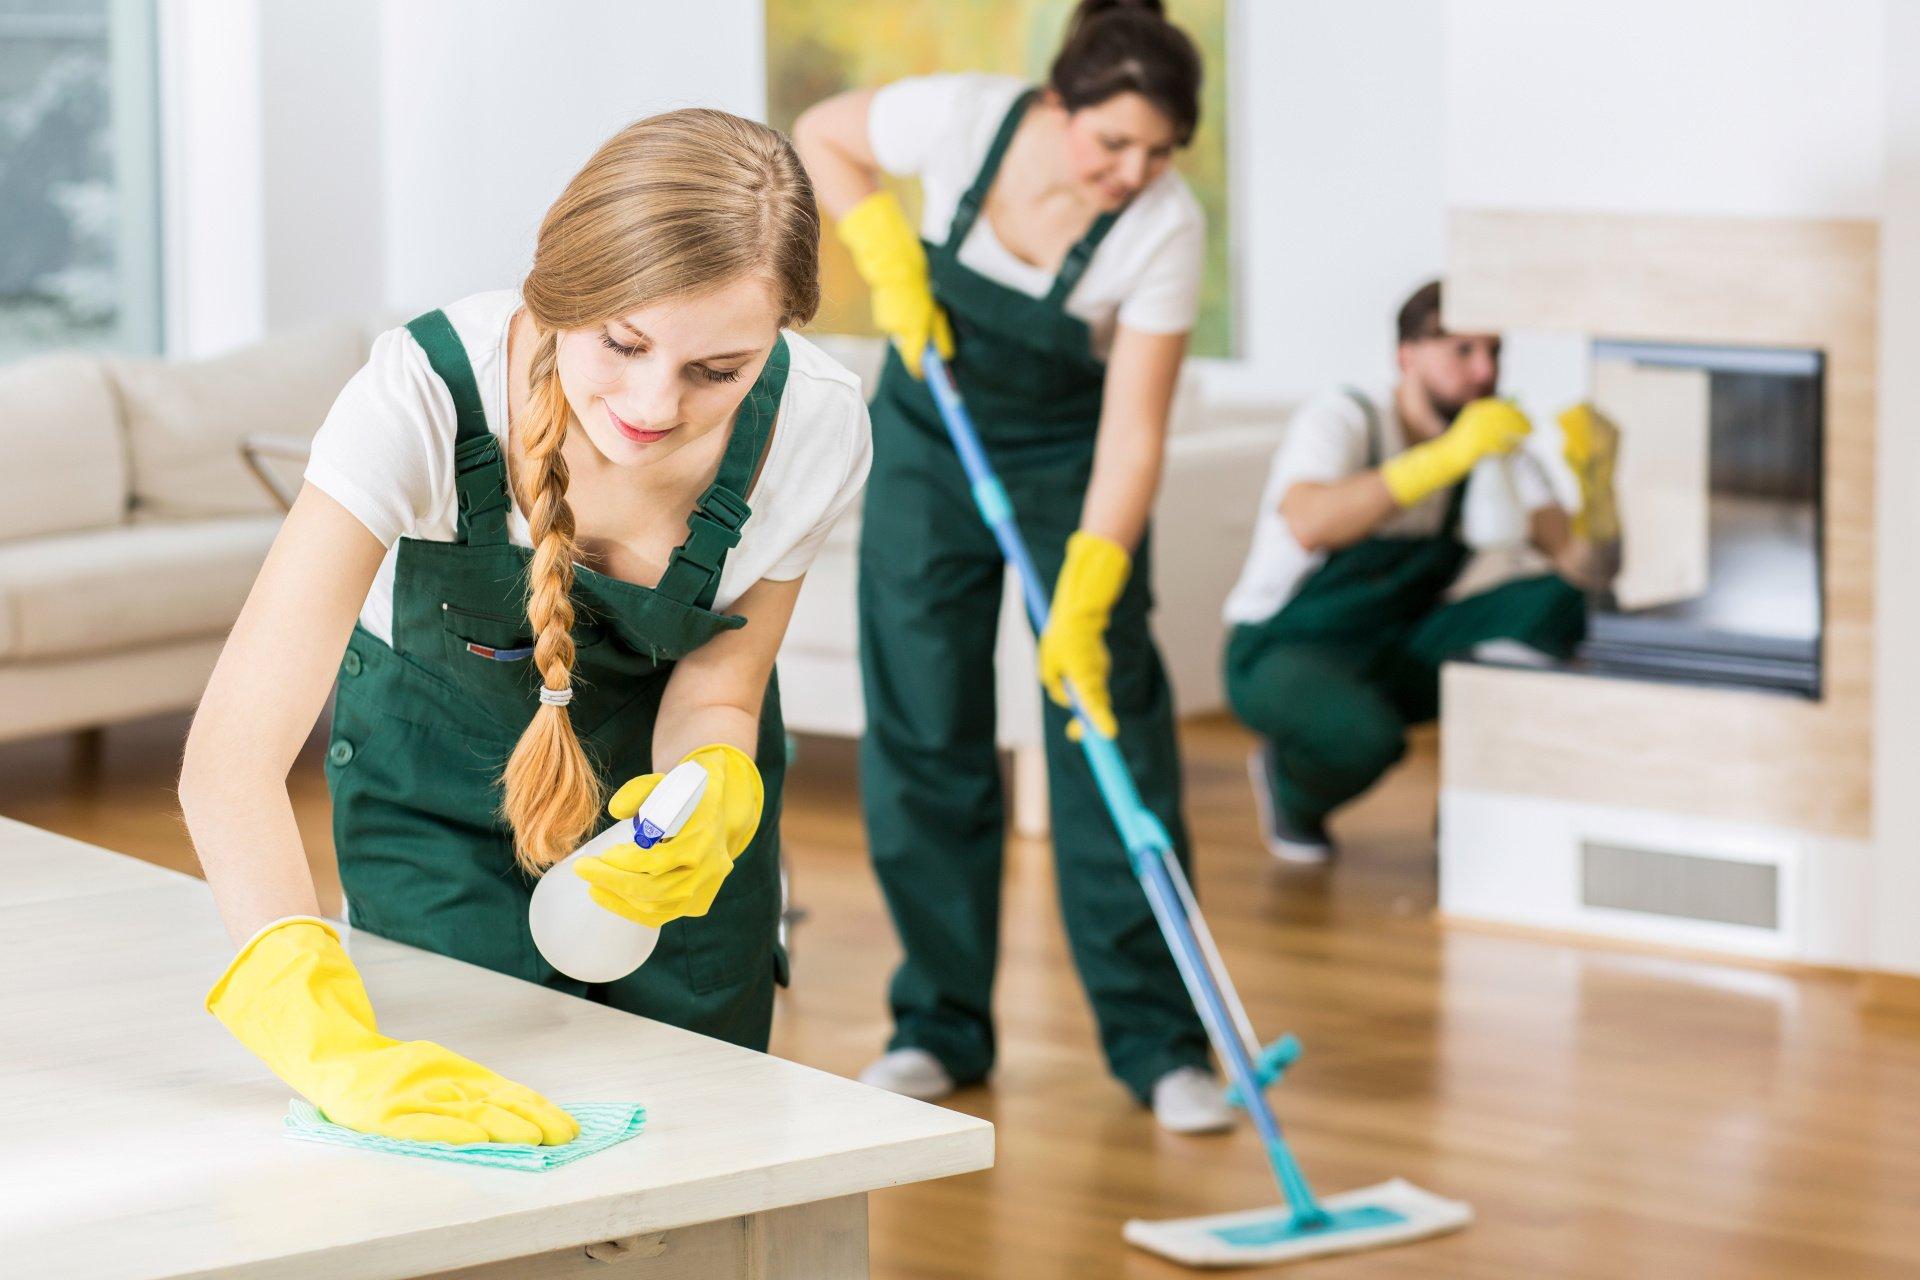 شركة تنظيف في ابوظبي